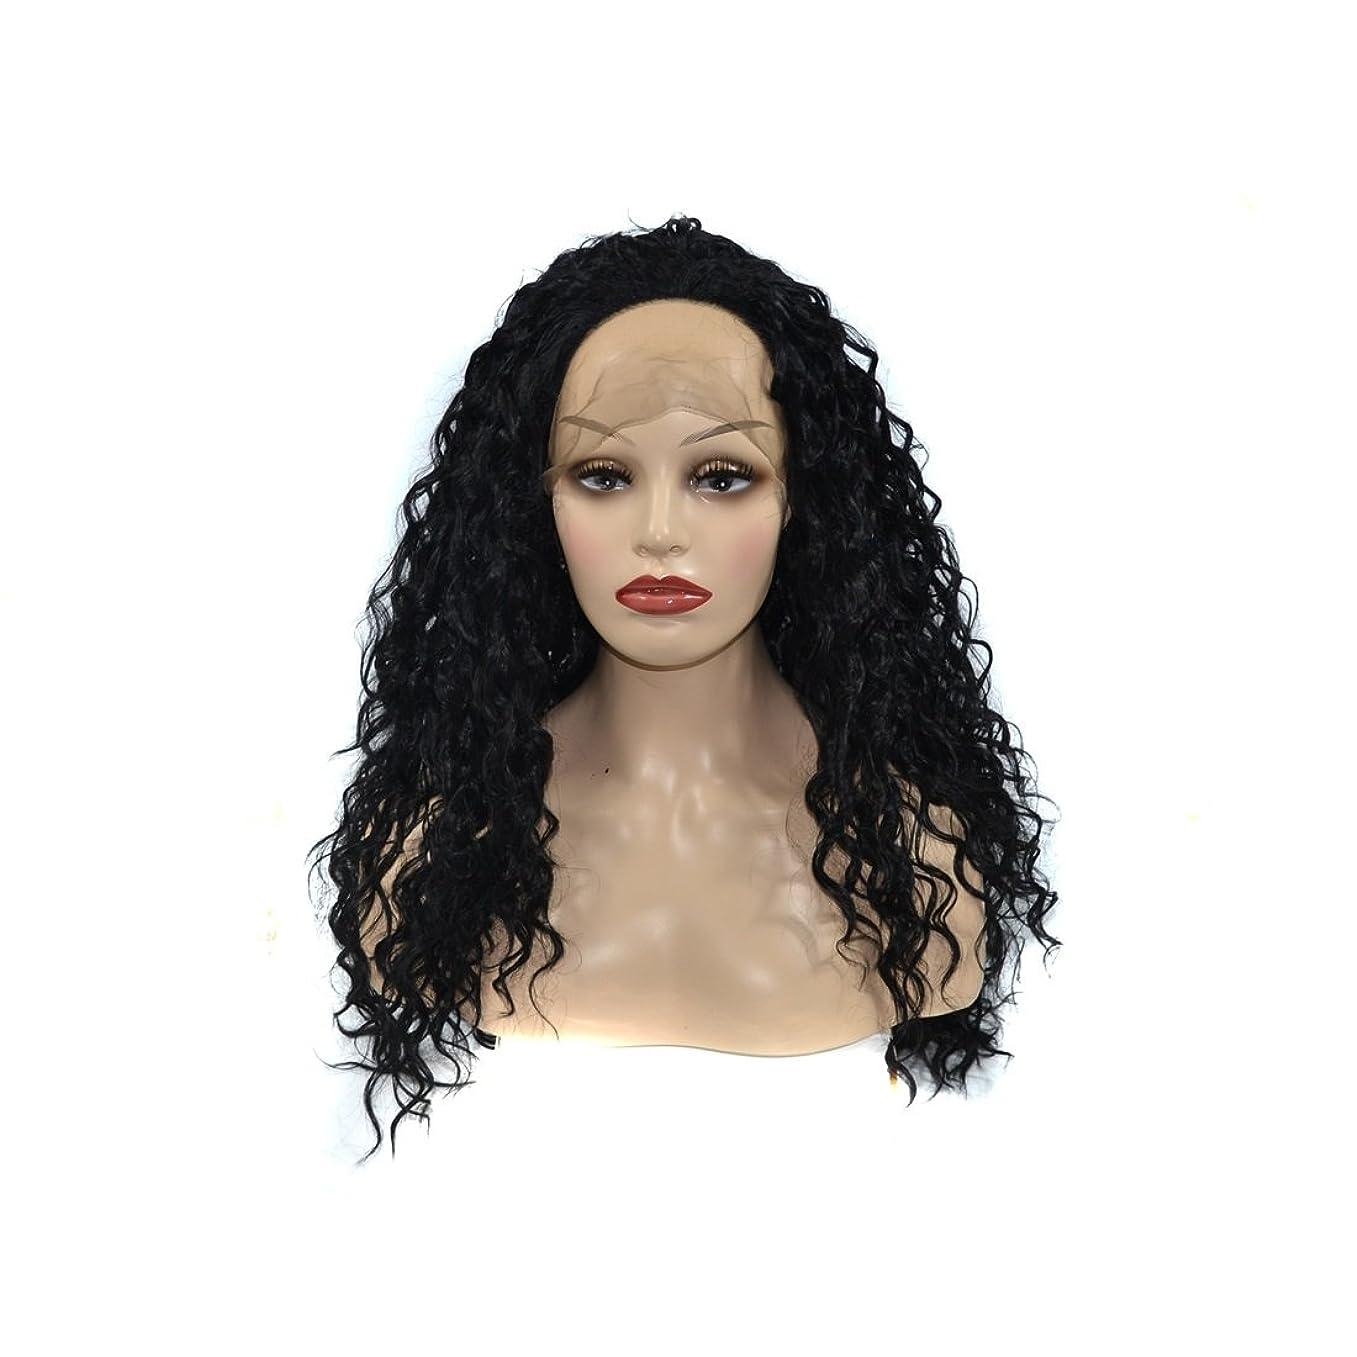 祭司イヤホンネクタイJIANFU レースフロントブラックヘア高温スラック合成髪フラットバンズウィッグヘア耐熱26インチ長いカーリーウィッグ女性用 (Color : ブラック)